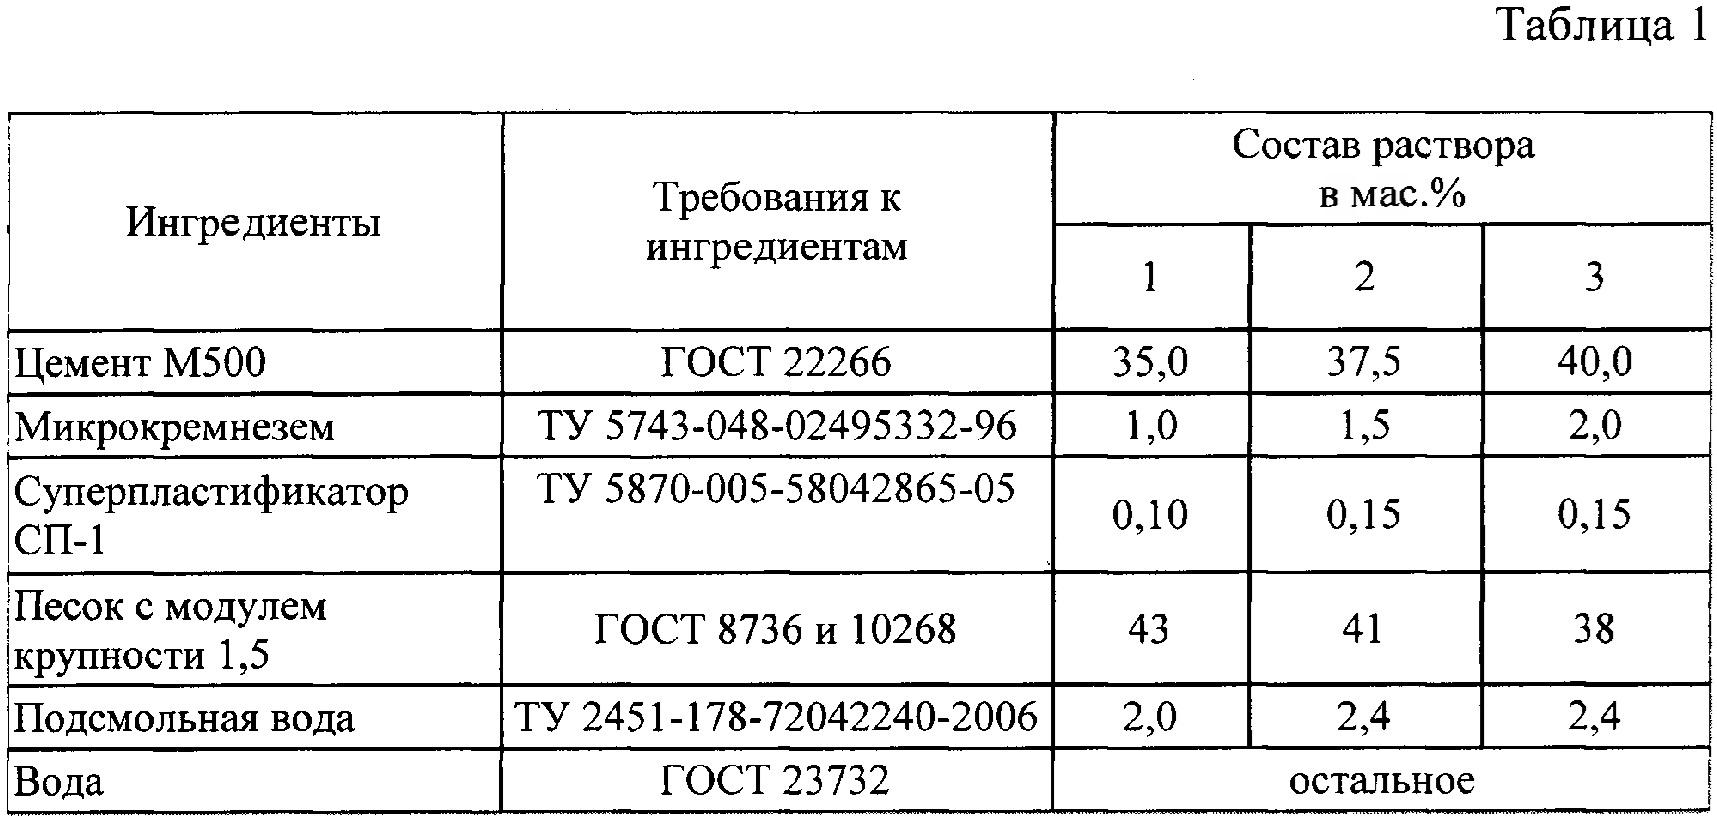 состав раствора м150